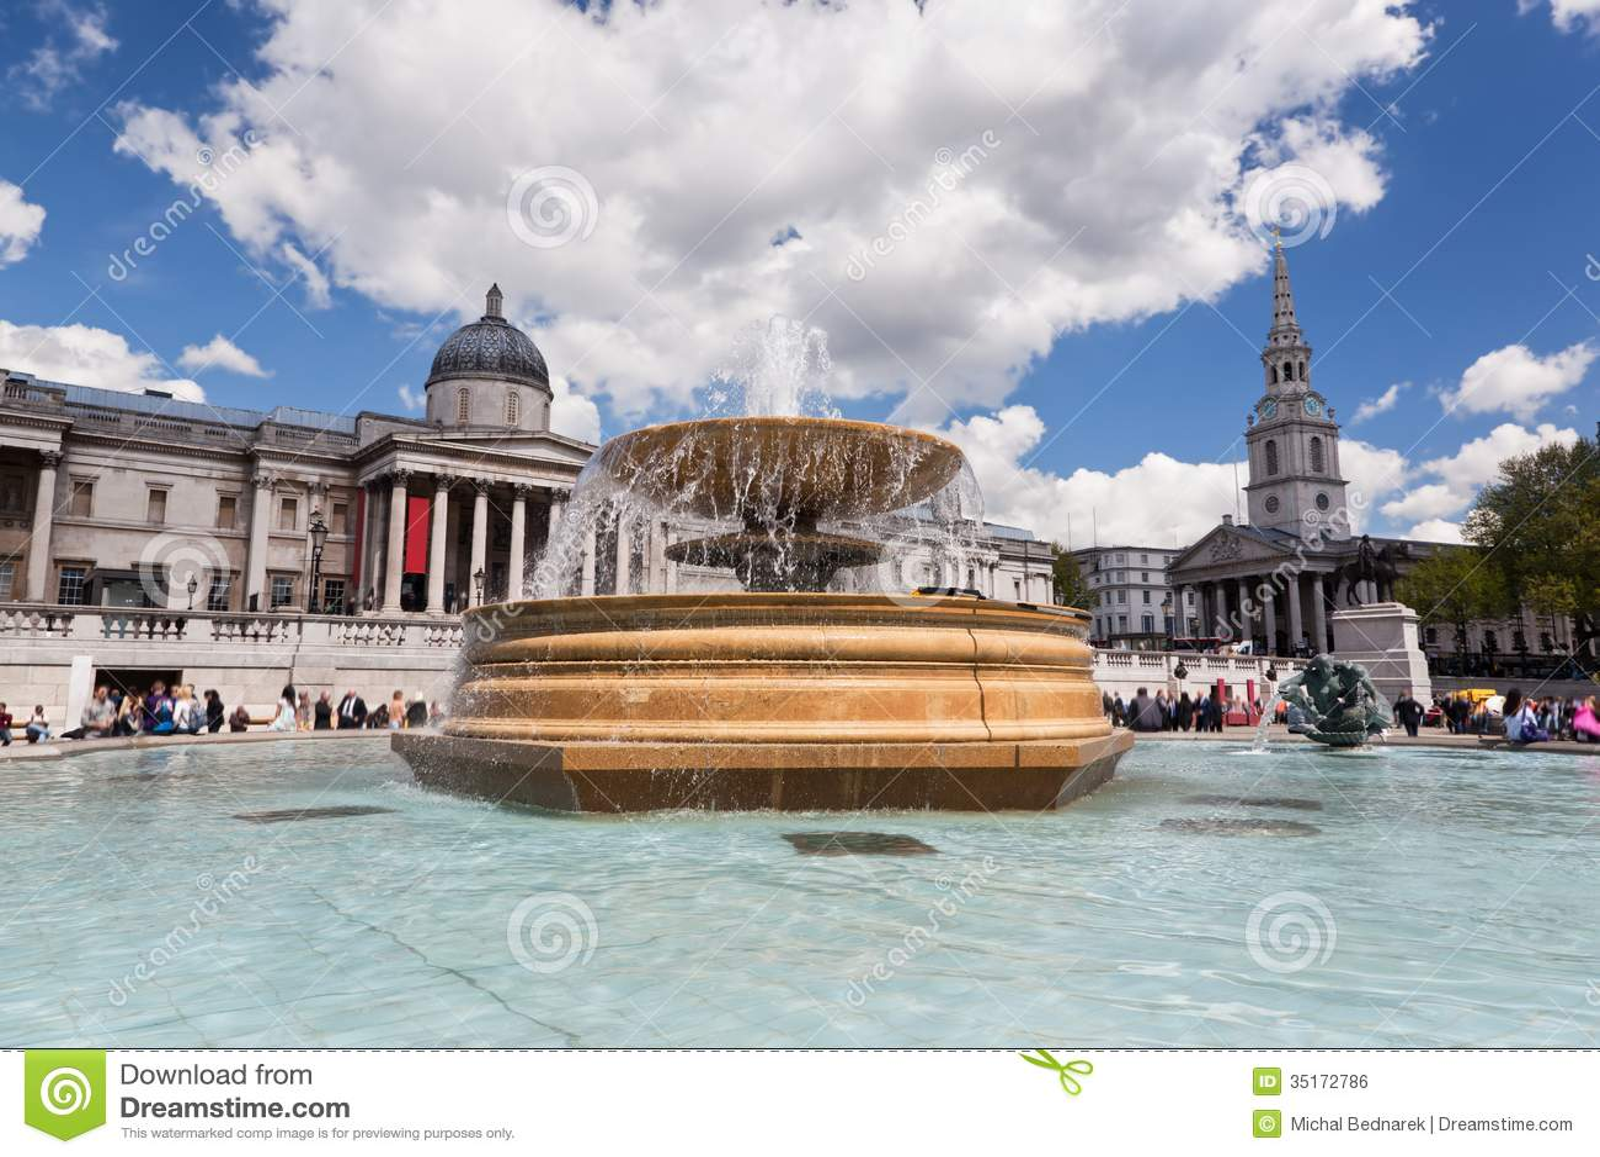 O National Gallery em Trafalgar Square em Londres, Inglaterra.